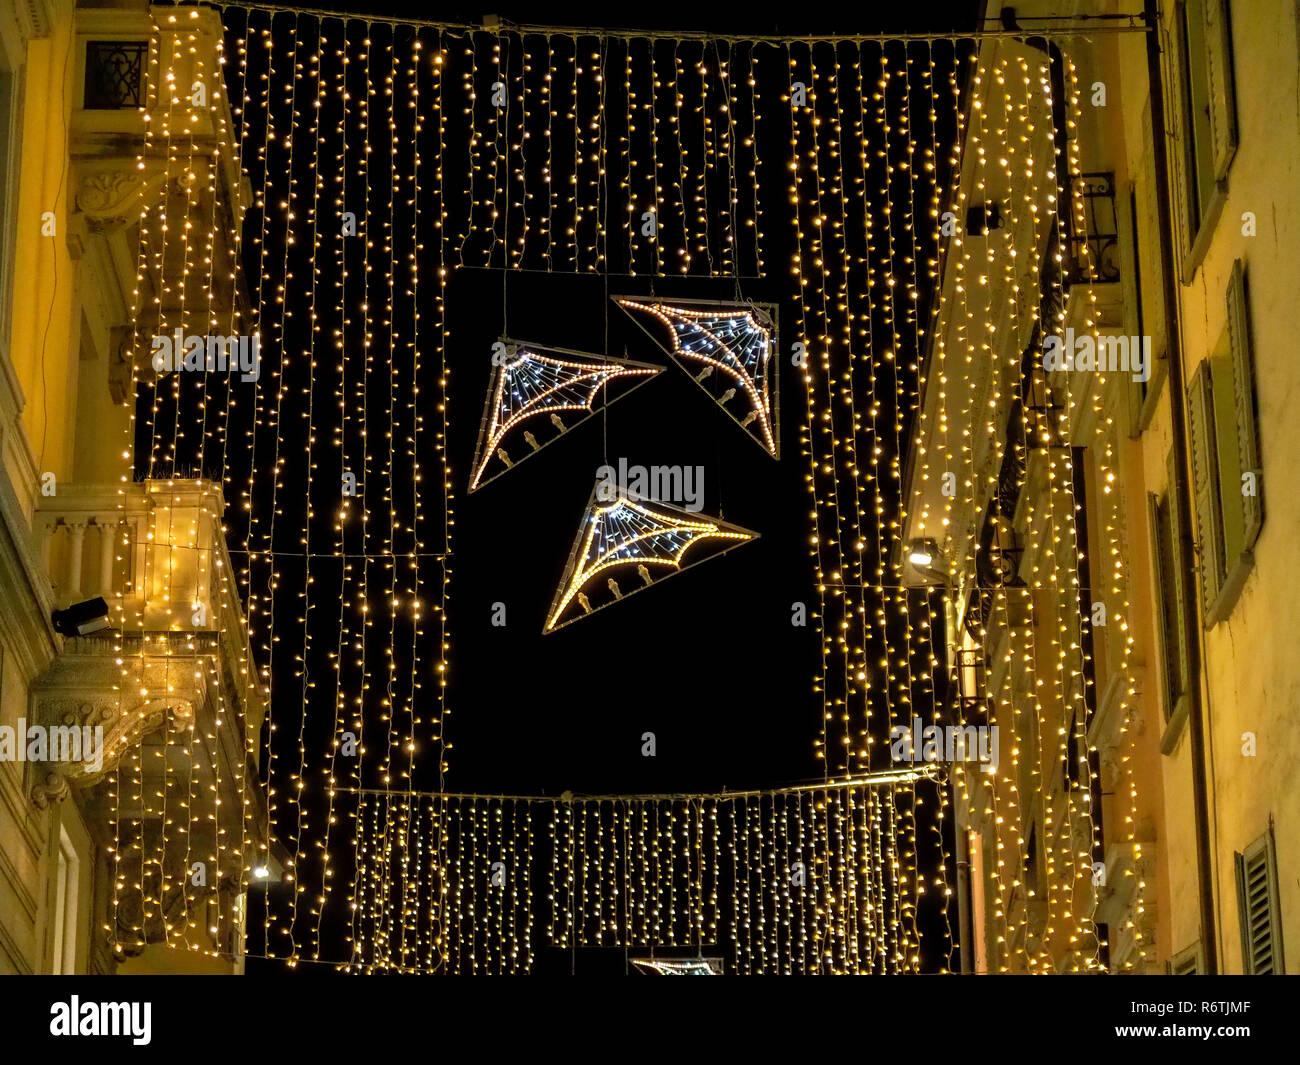 Decorazioni Natalizie Lugano.Lugano Svizzera Dicembre 06 2018 Decorazioni Di Natale Tra Gli